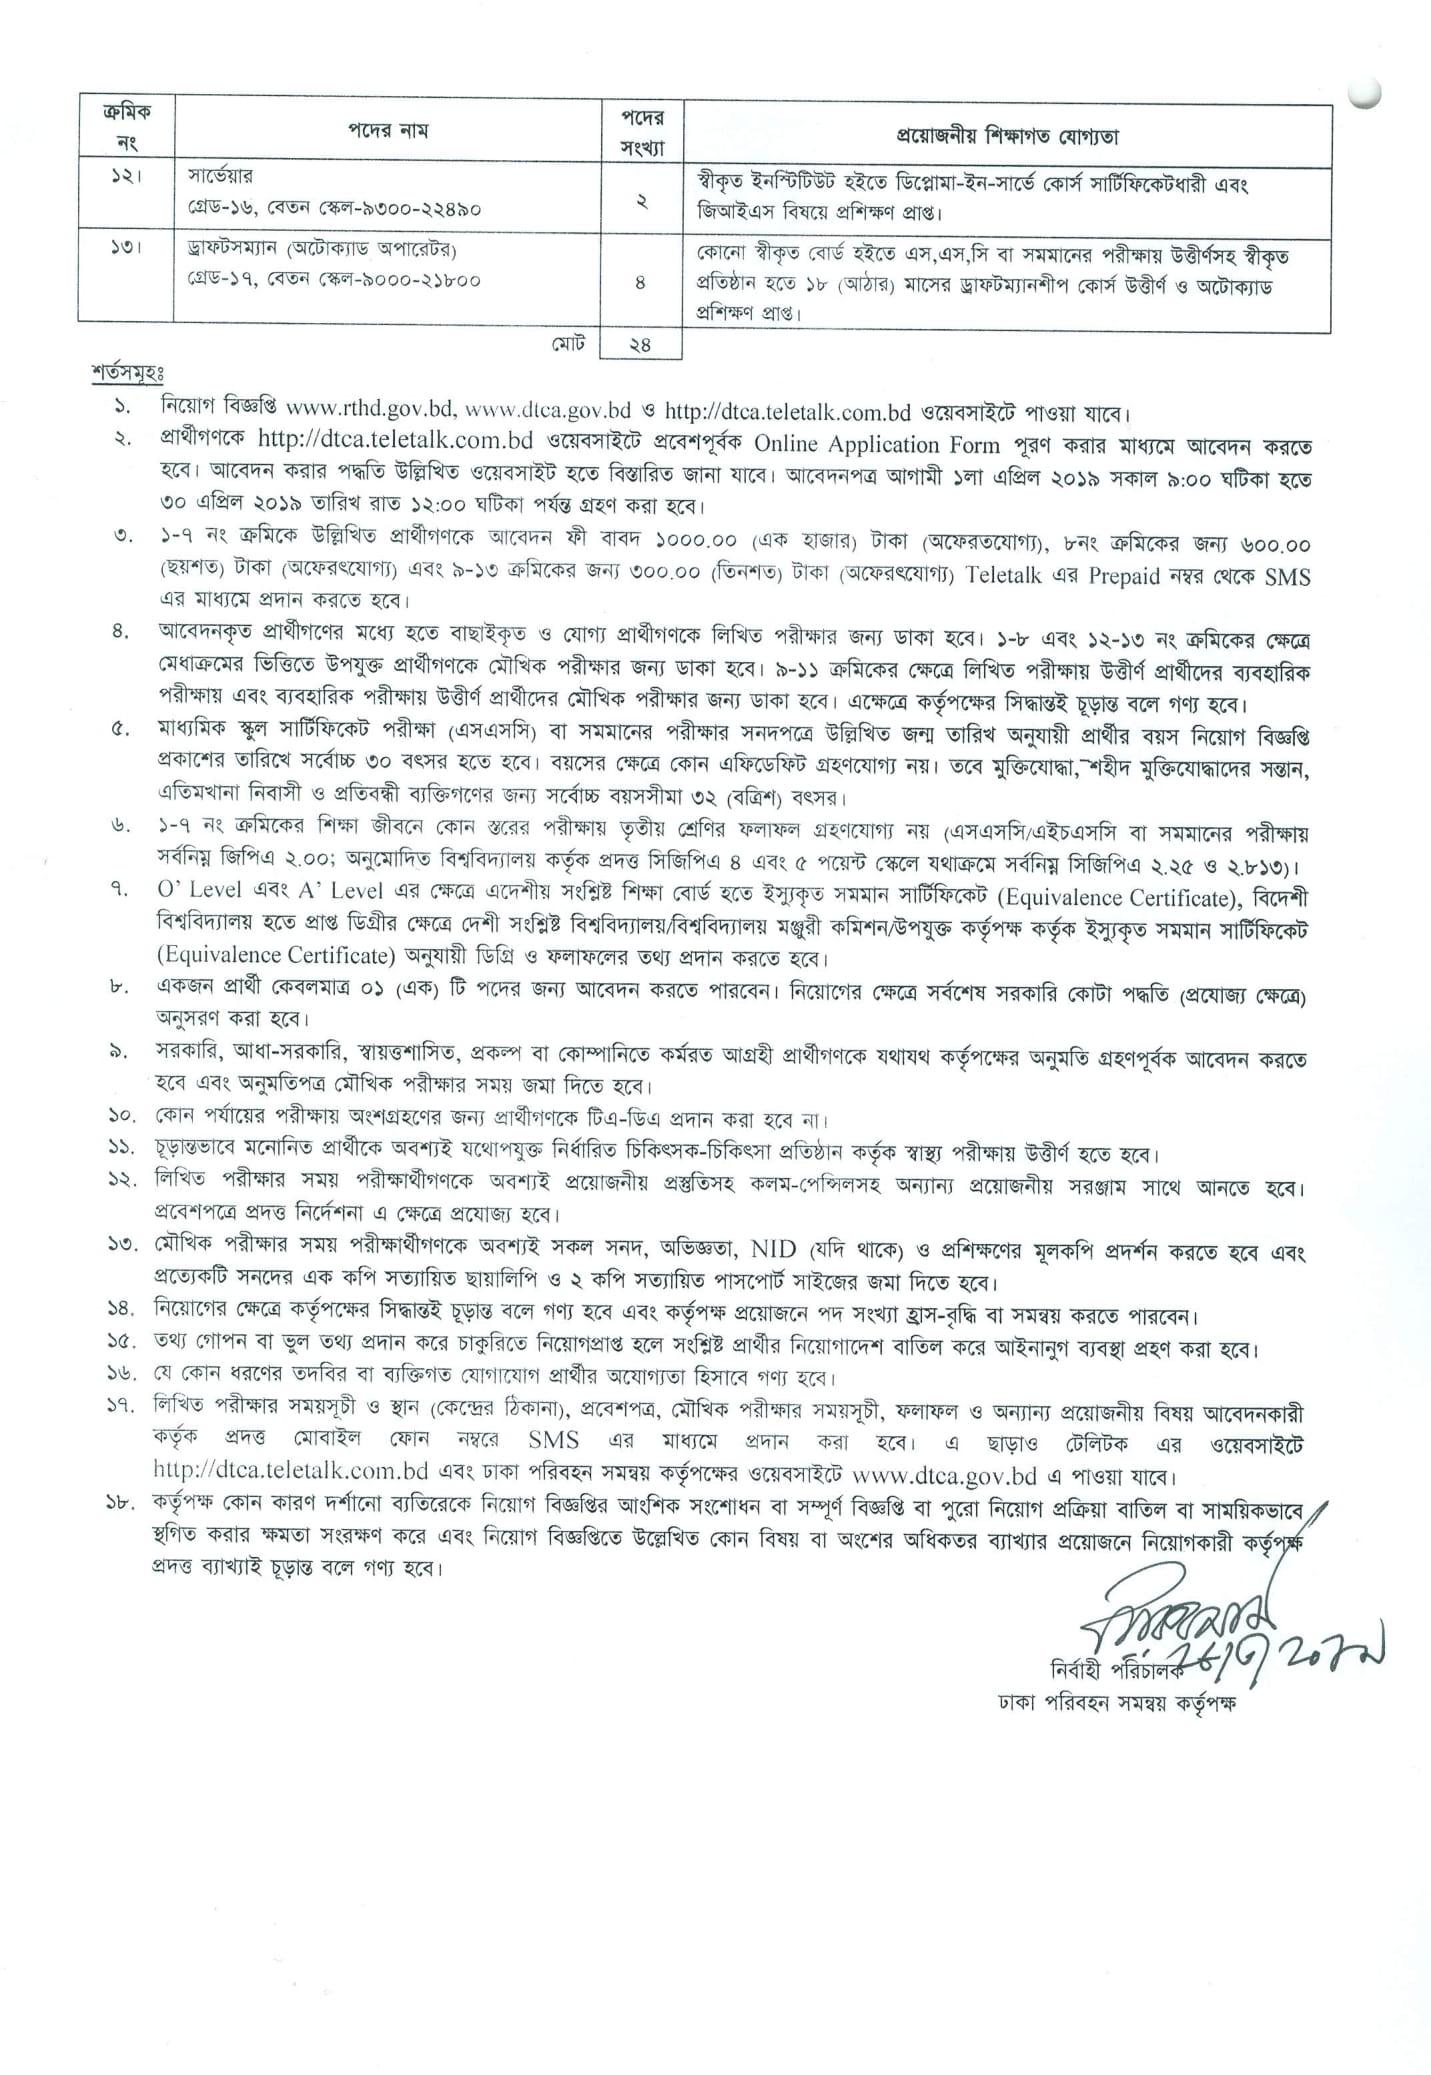 Dhaka Transport Coordination Authority DTCA Job Circular 2019 - 2